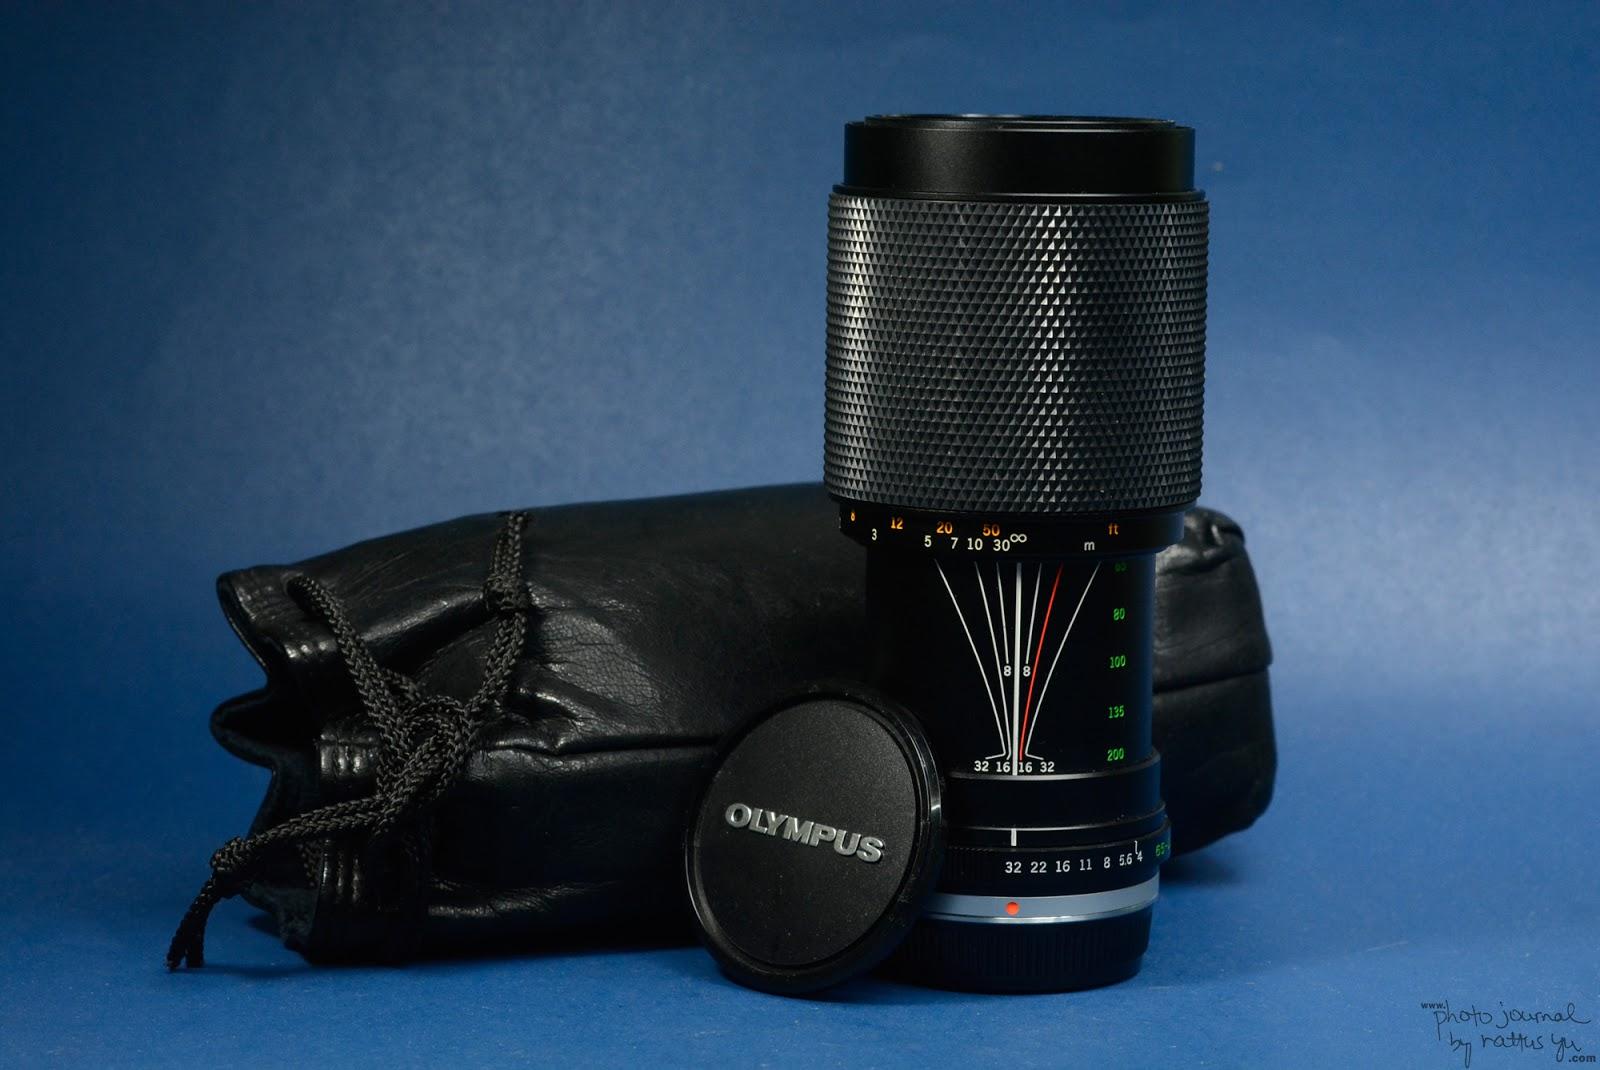 Olympus OM-System Zuiko Auto-Zoom 65-200mm f/4